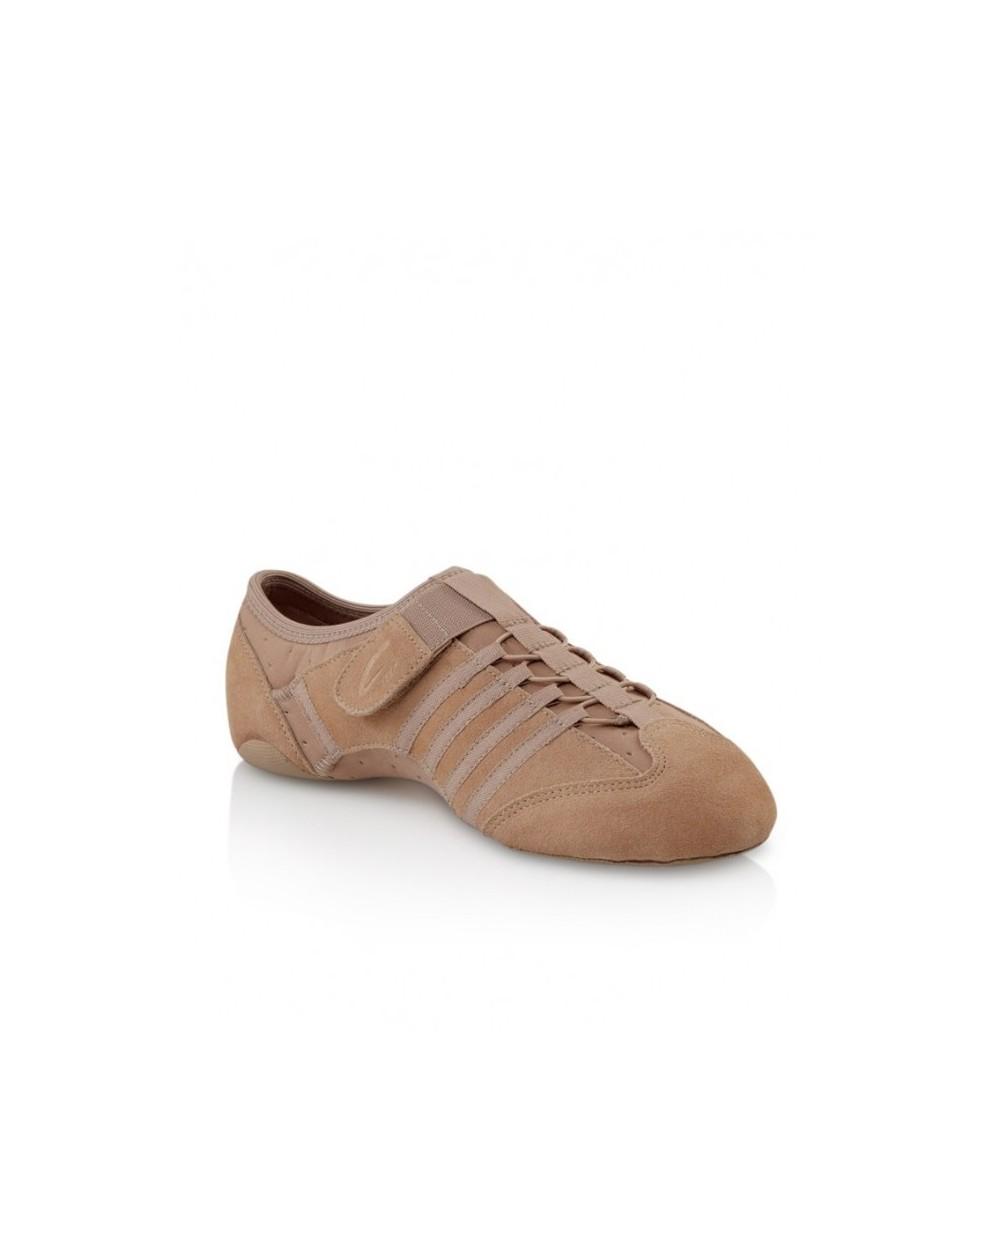 Chaussures Bi Twirling Professionnels Danse Semelles Et xB04qBw86